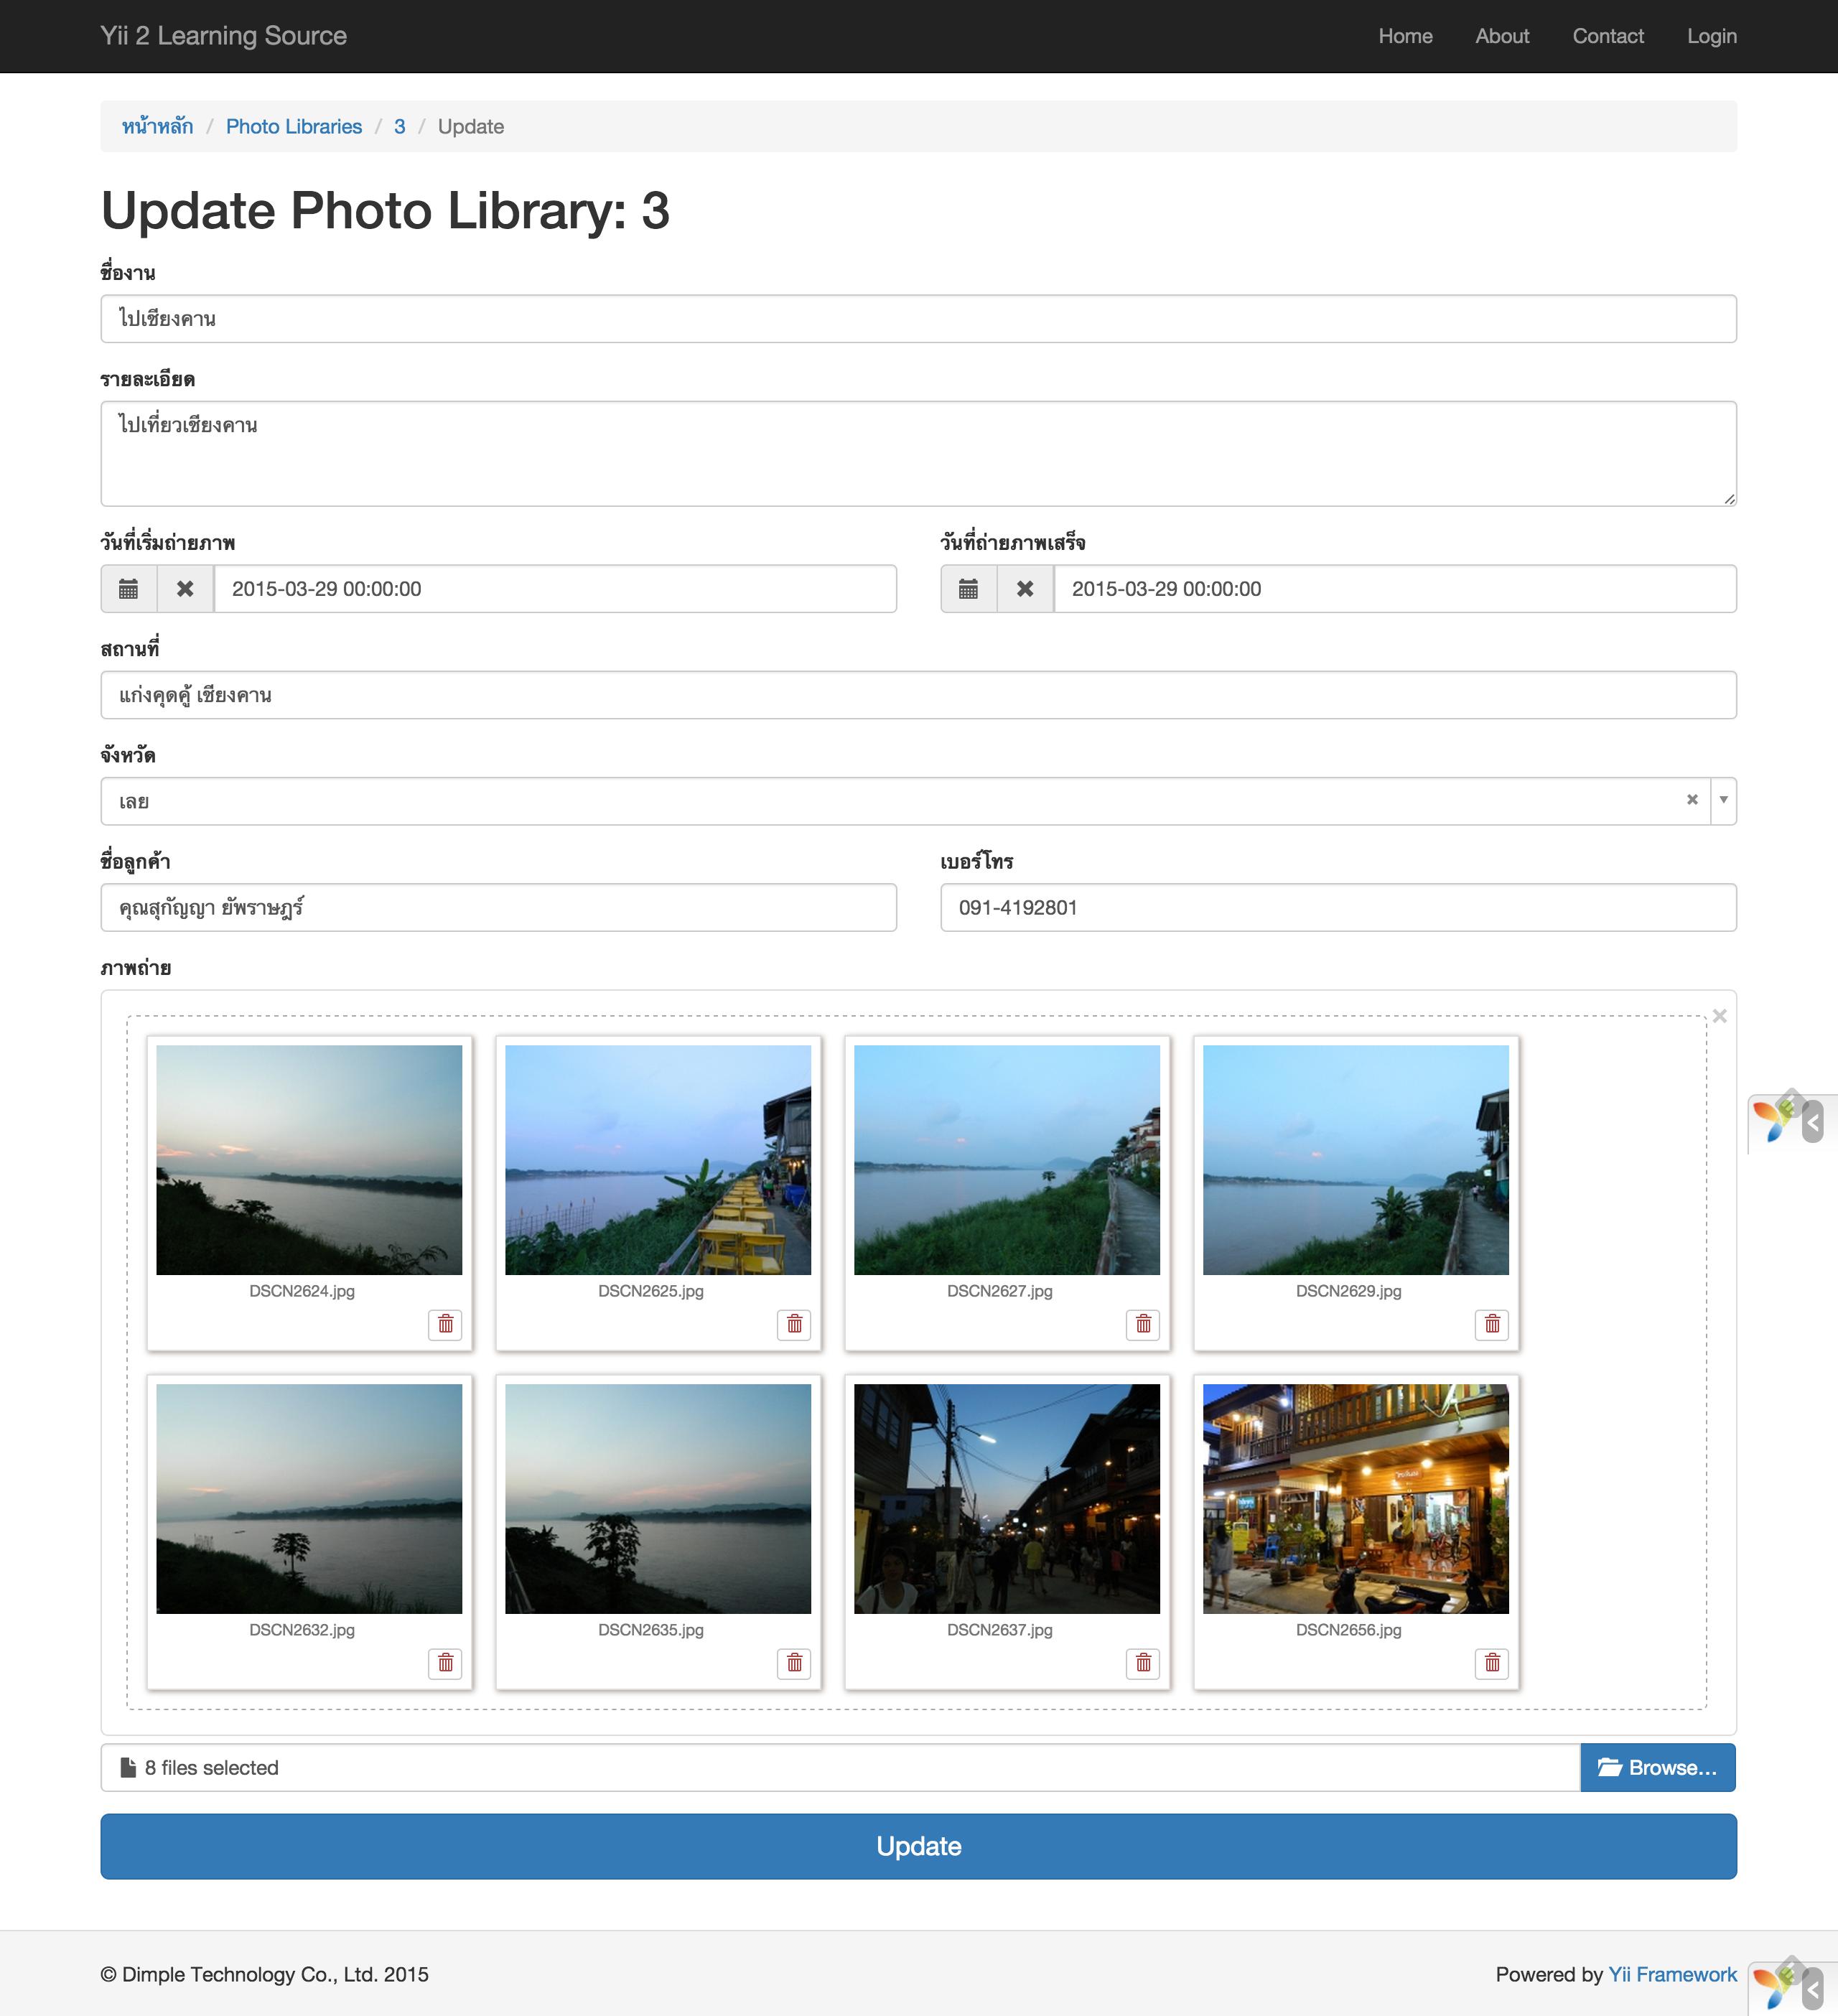 สร้างฟอร์ม Upload Files ด้วย AJAX | Yii 2 Learning